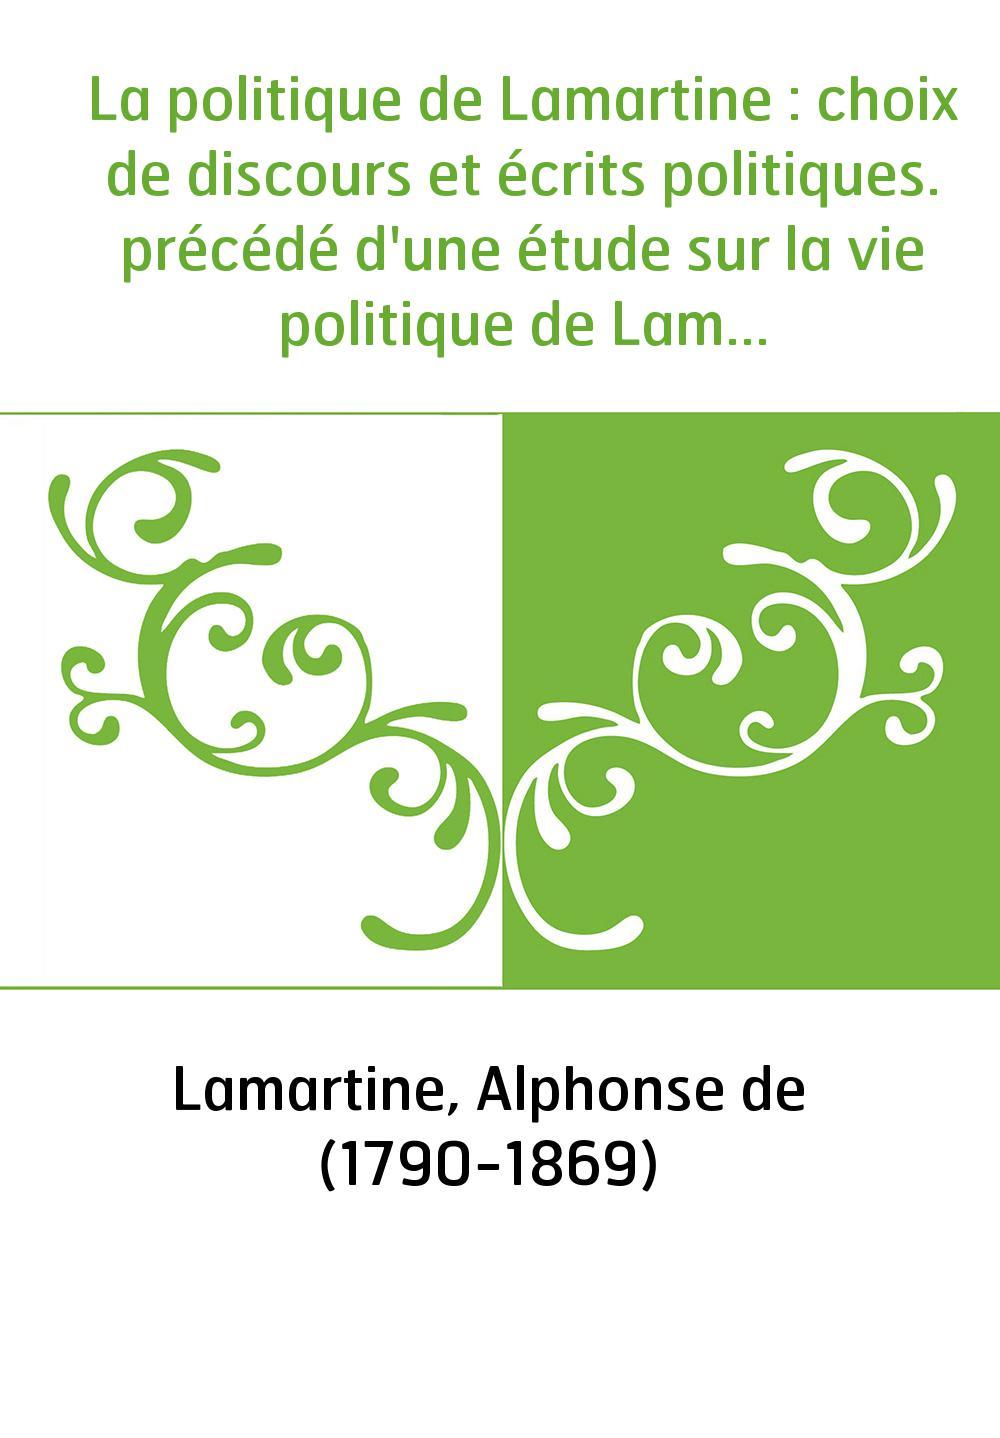 La politique de Lamartine : choix de discours et écrits politiques. précédé d'une étude sur la vie politique de Lamartine. Tome